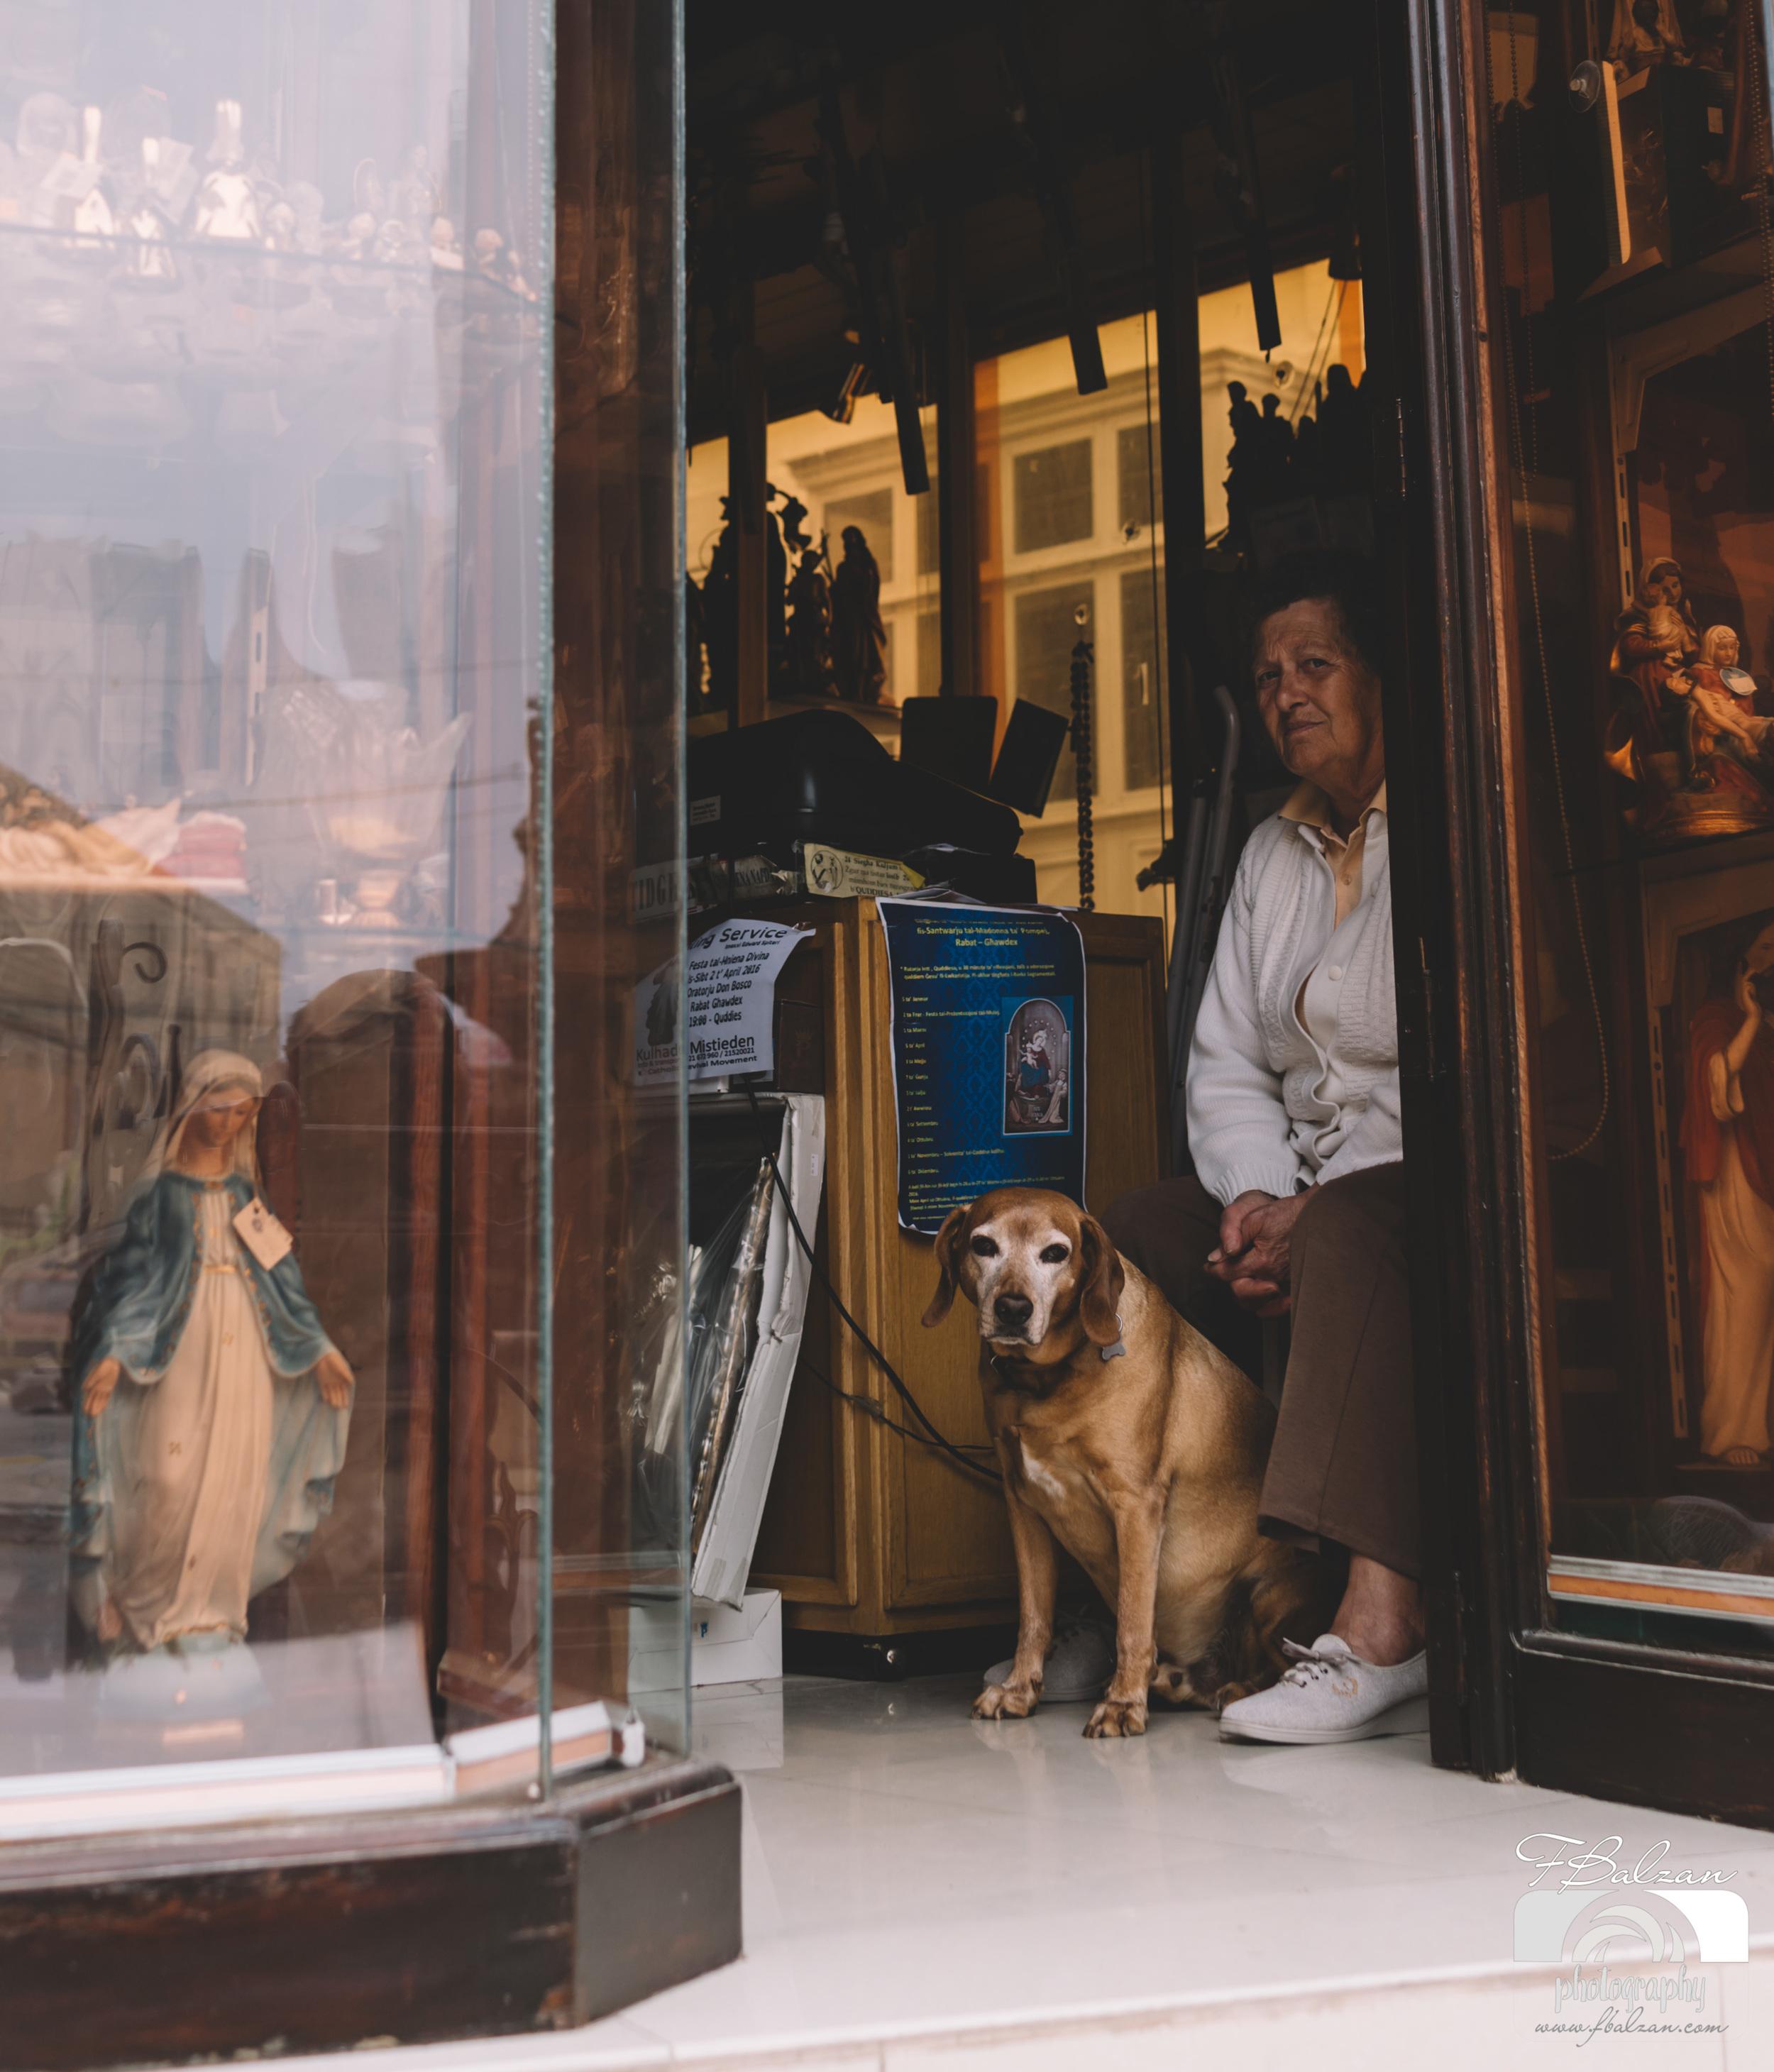 Peeking through the shop